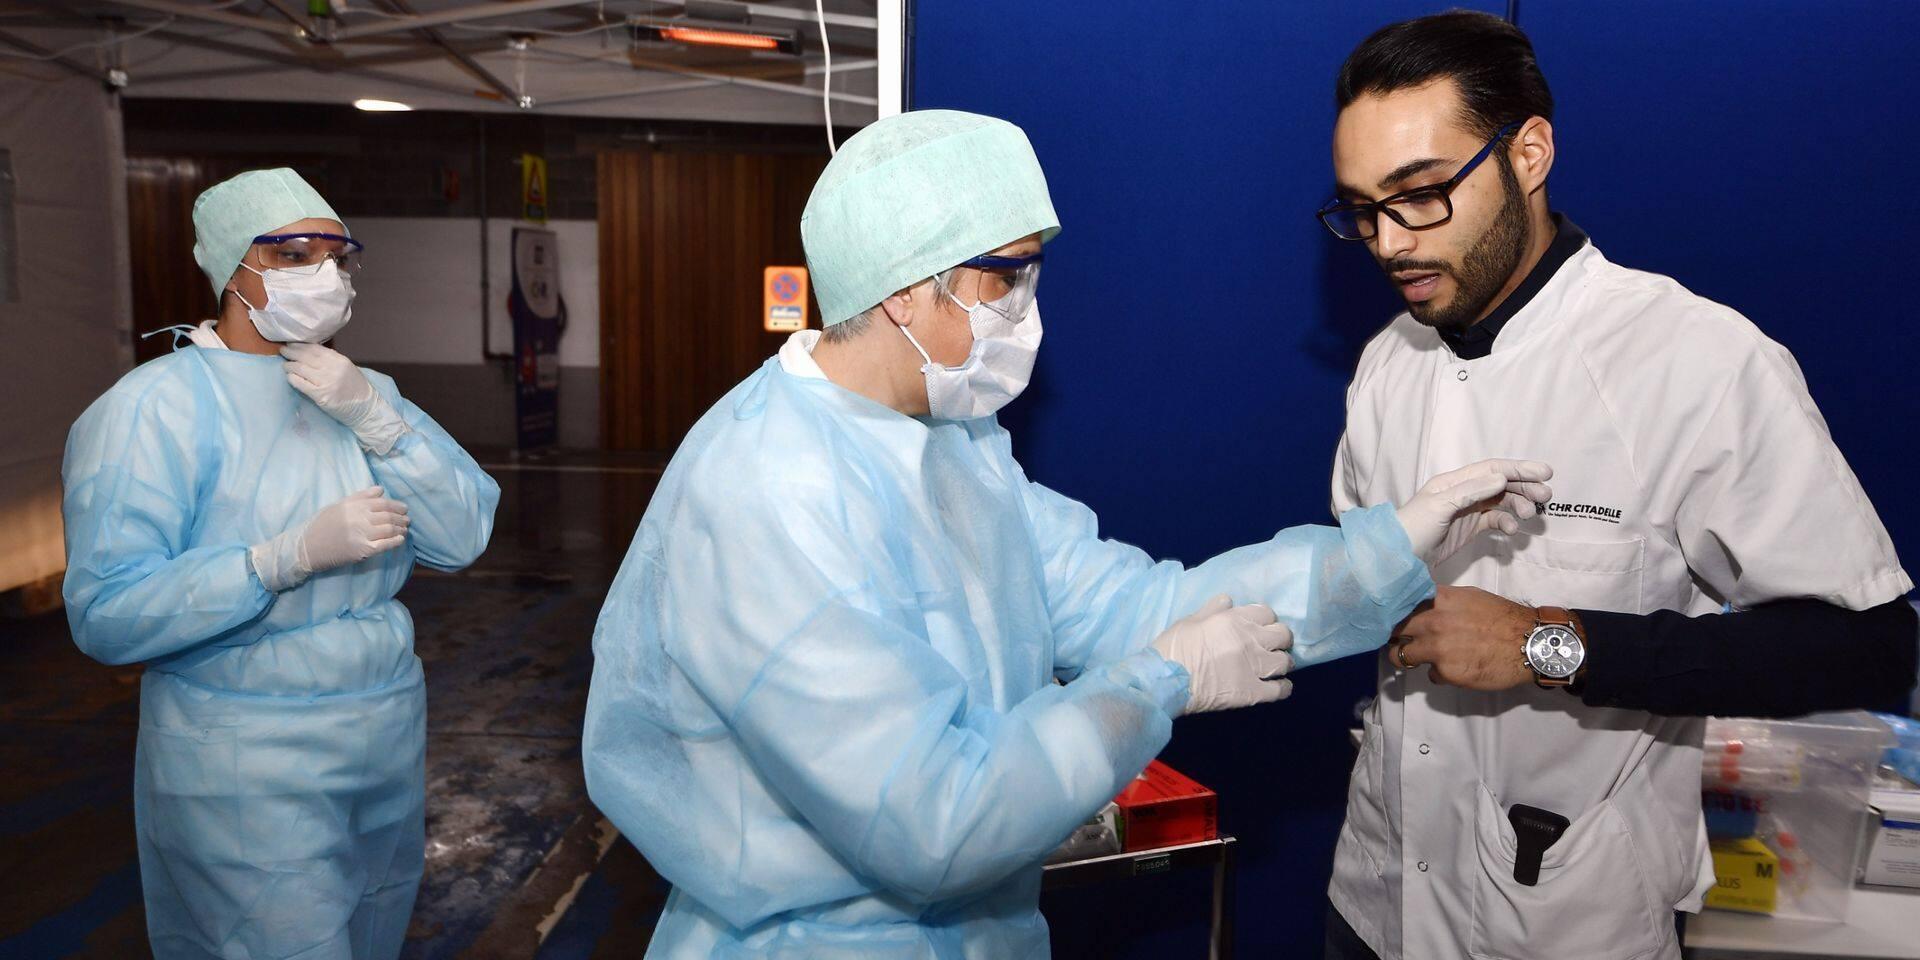 """Les hôpitaux bruxellois s'attendent à voir affluer les patients: """"On est à l'aube d'un tsunami"""""""